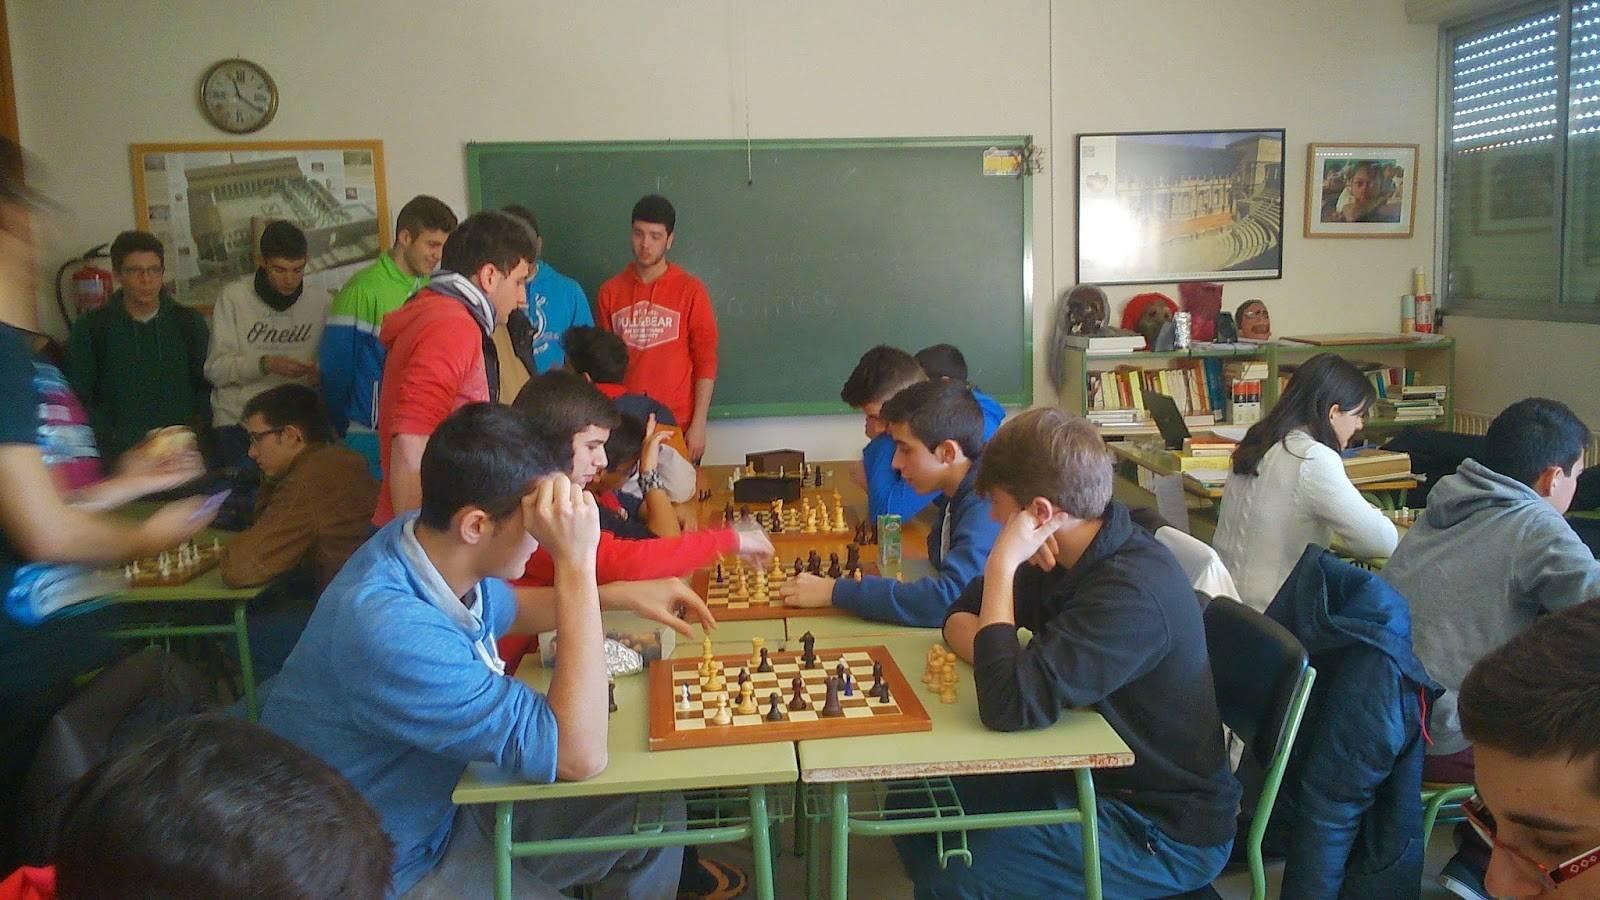 I Campeonato de ajedrez Anthropos4 - Ánthropos está organizando su I Campeonato de Ajedrez en el IES Hermógenes Rodríguez